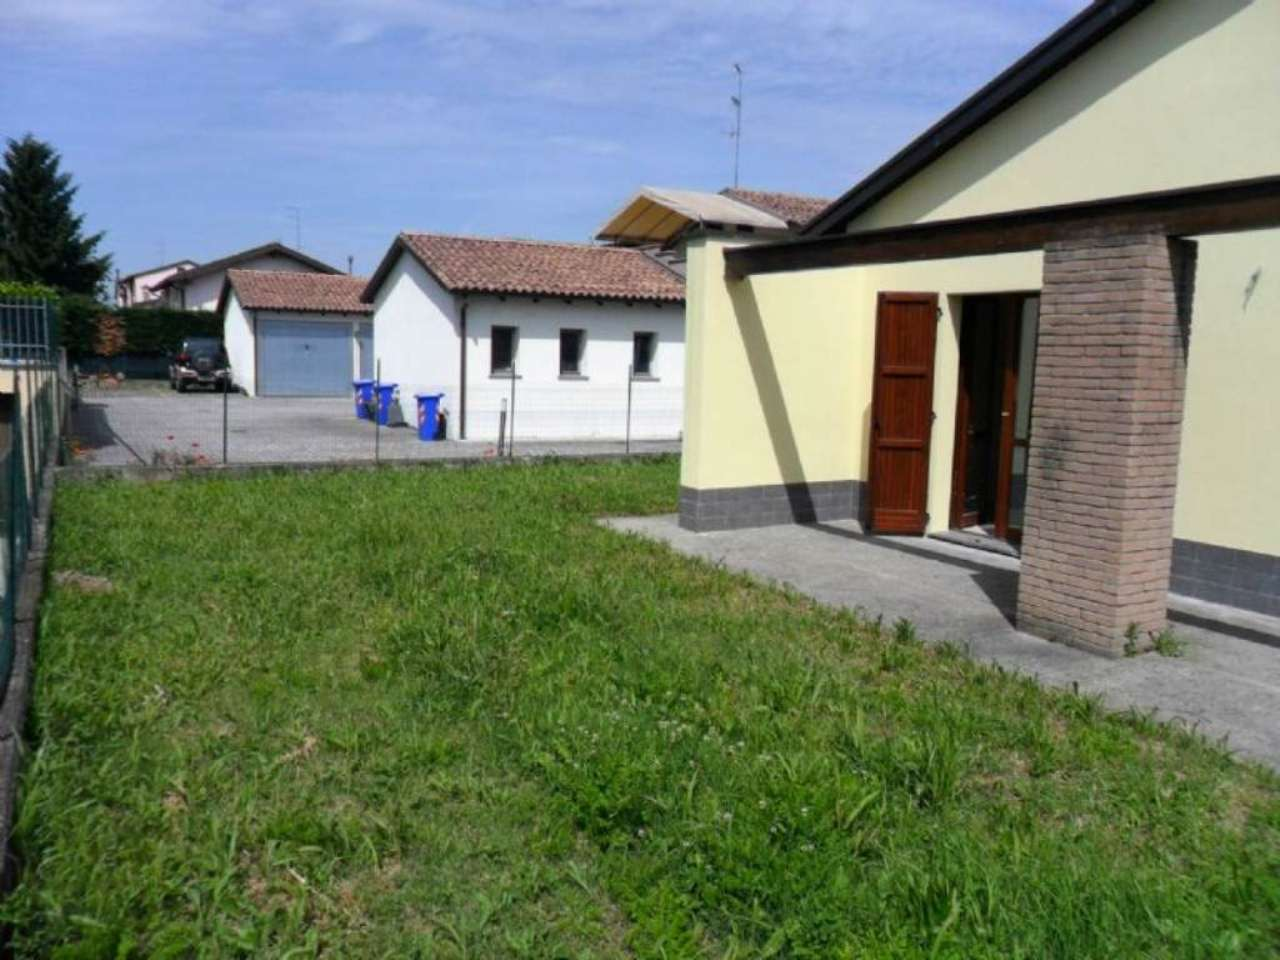 Fontevivo Vendita PORZIONE DI CASA Immagine 1